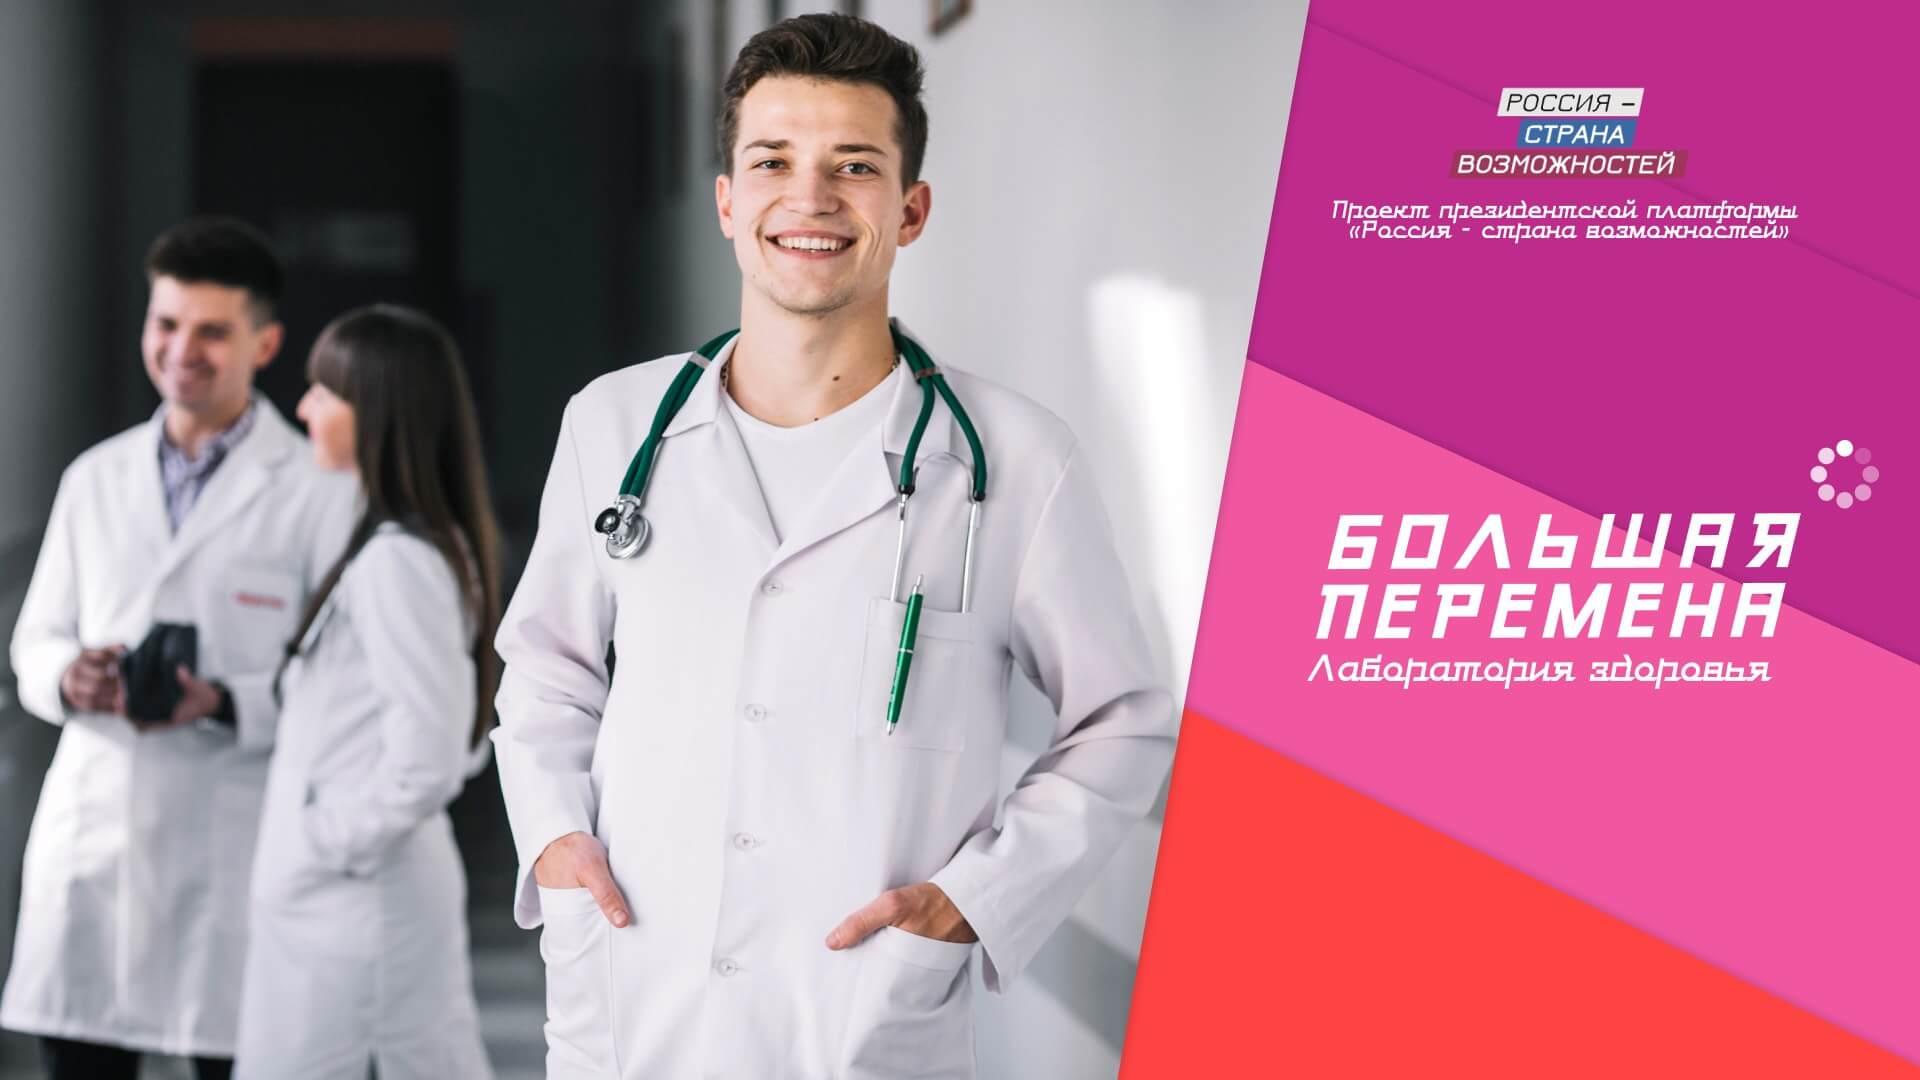 Тематическая неделя конкурса «Большая перемена» – «Лаборатория здоровья»